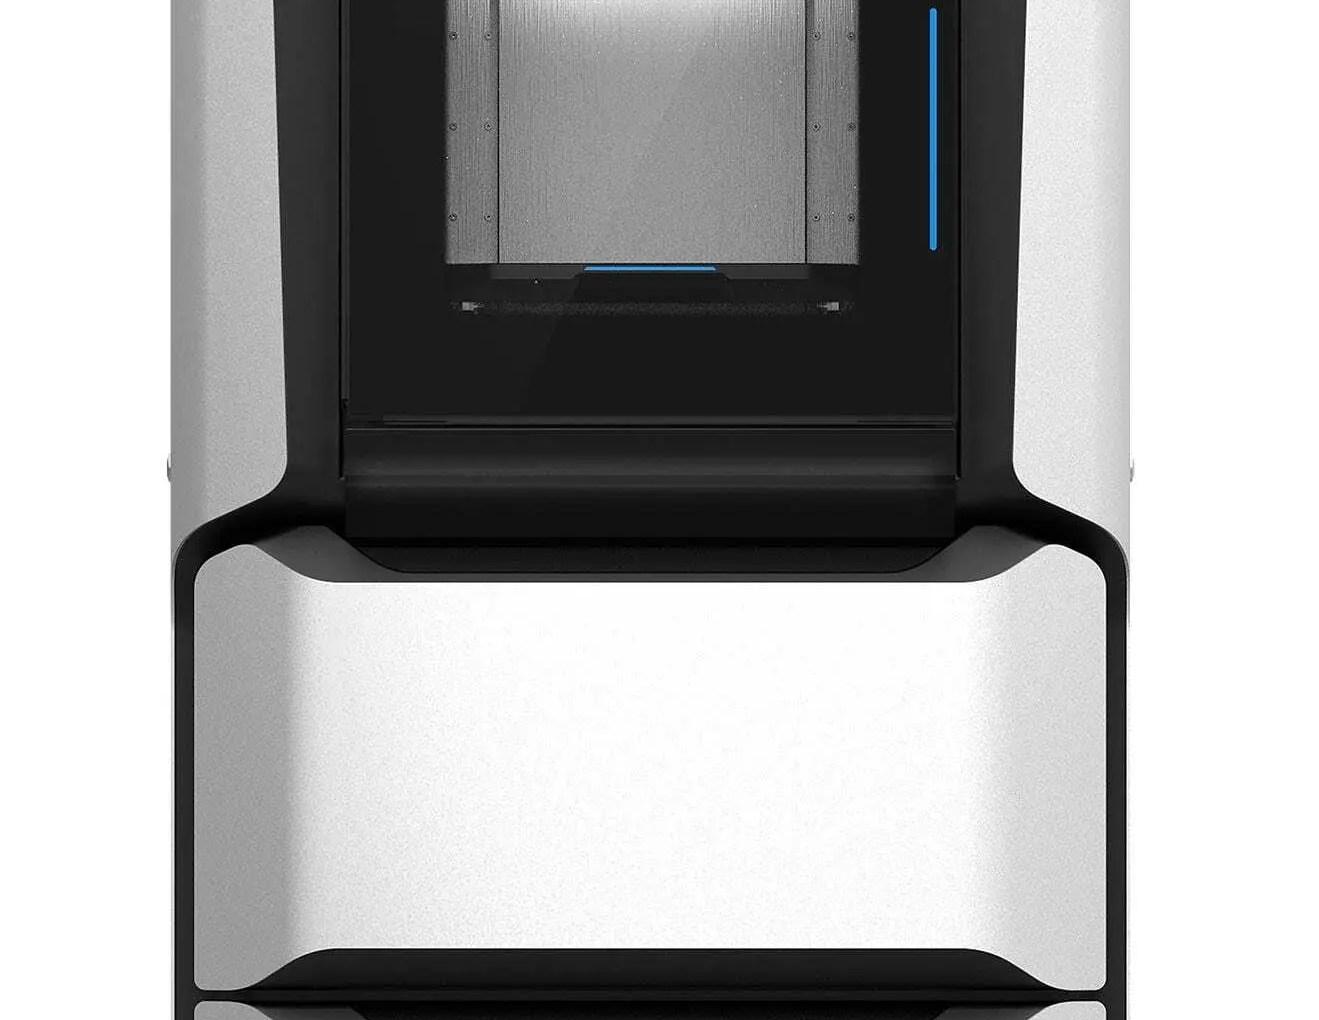 Impressoras 3D Stratasys Série F123 - F170, F270 e F370   FDM